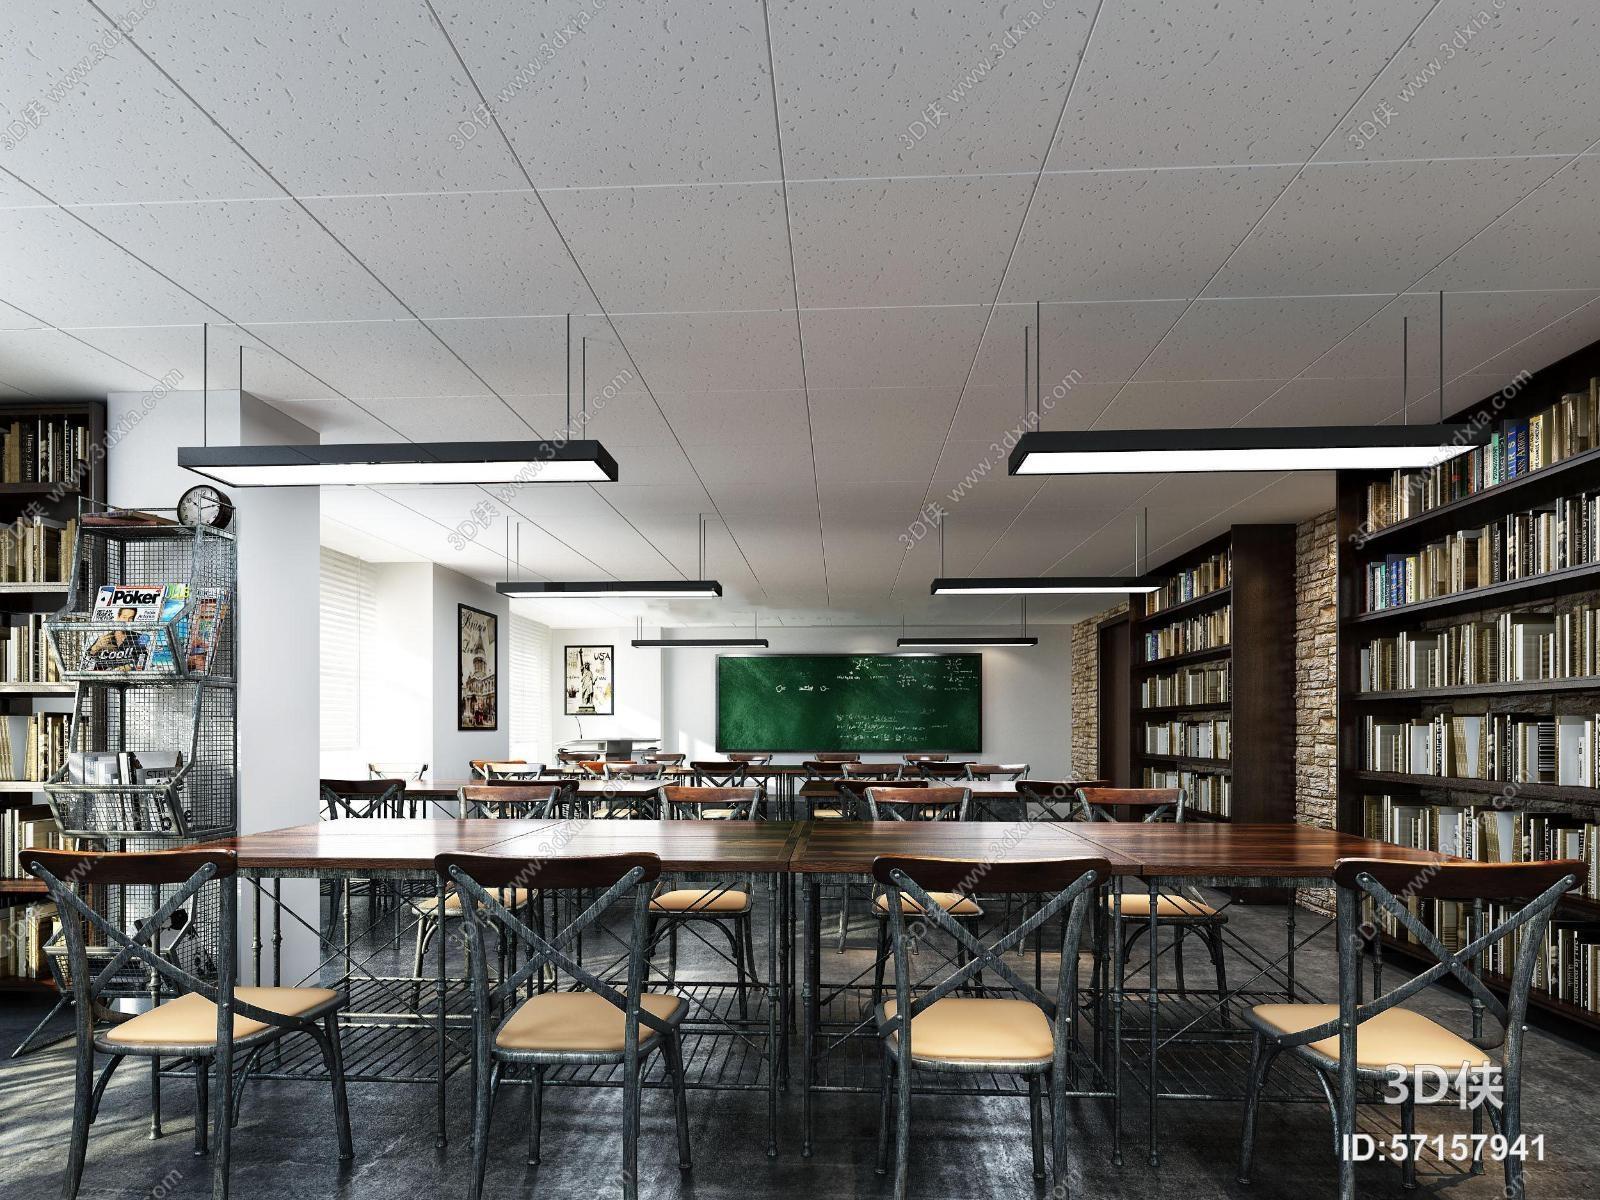 现代工业风格学校自习教室3D模型下载